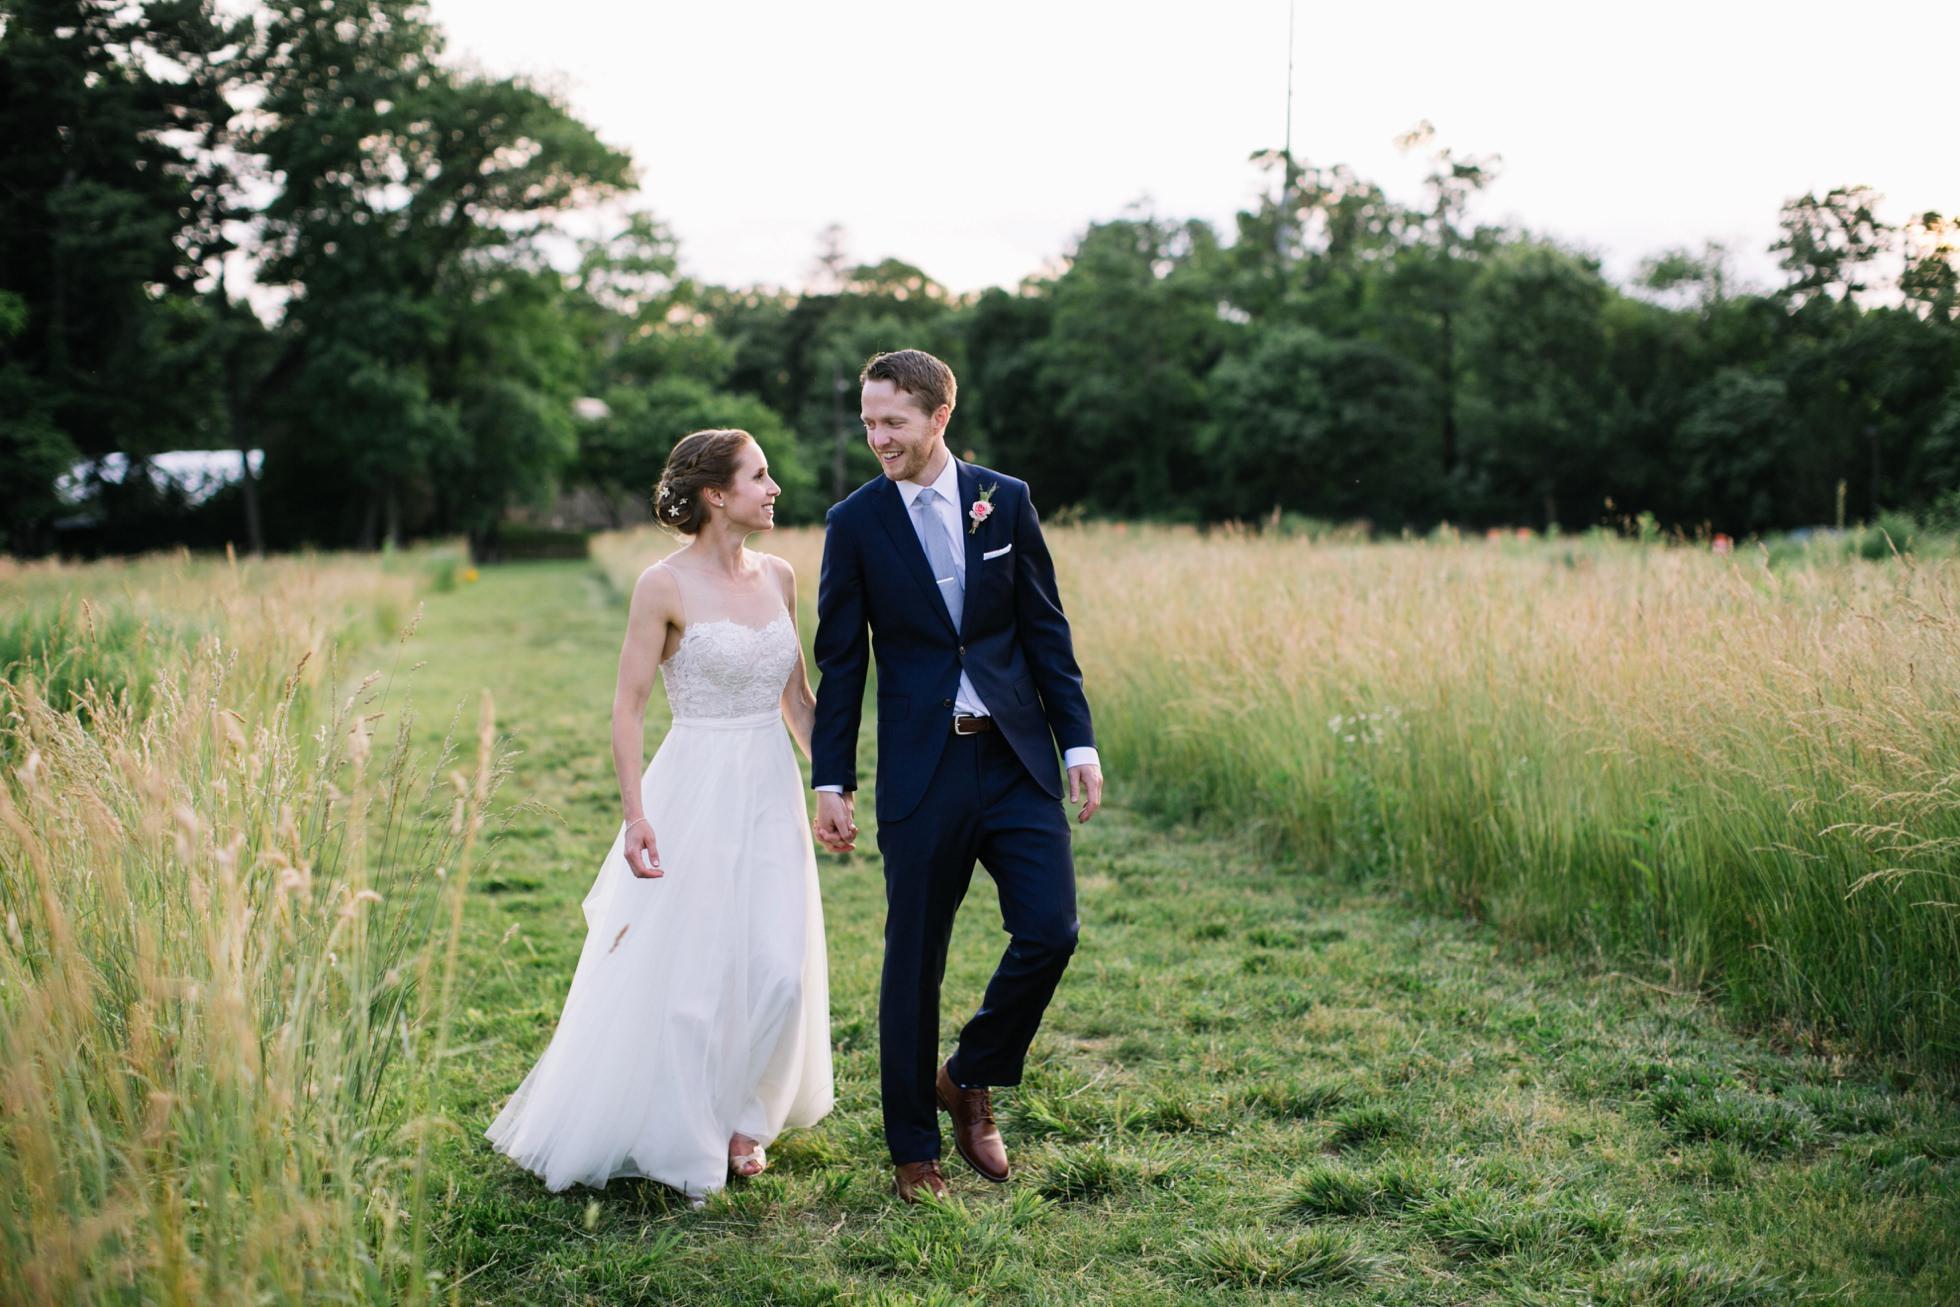 Romantic Bartram's Garden Outdoor Summer Wedding, Philadelphia | brittneyraine.com 078